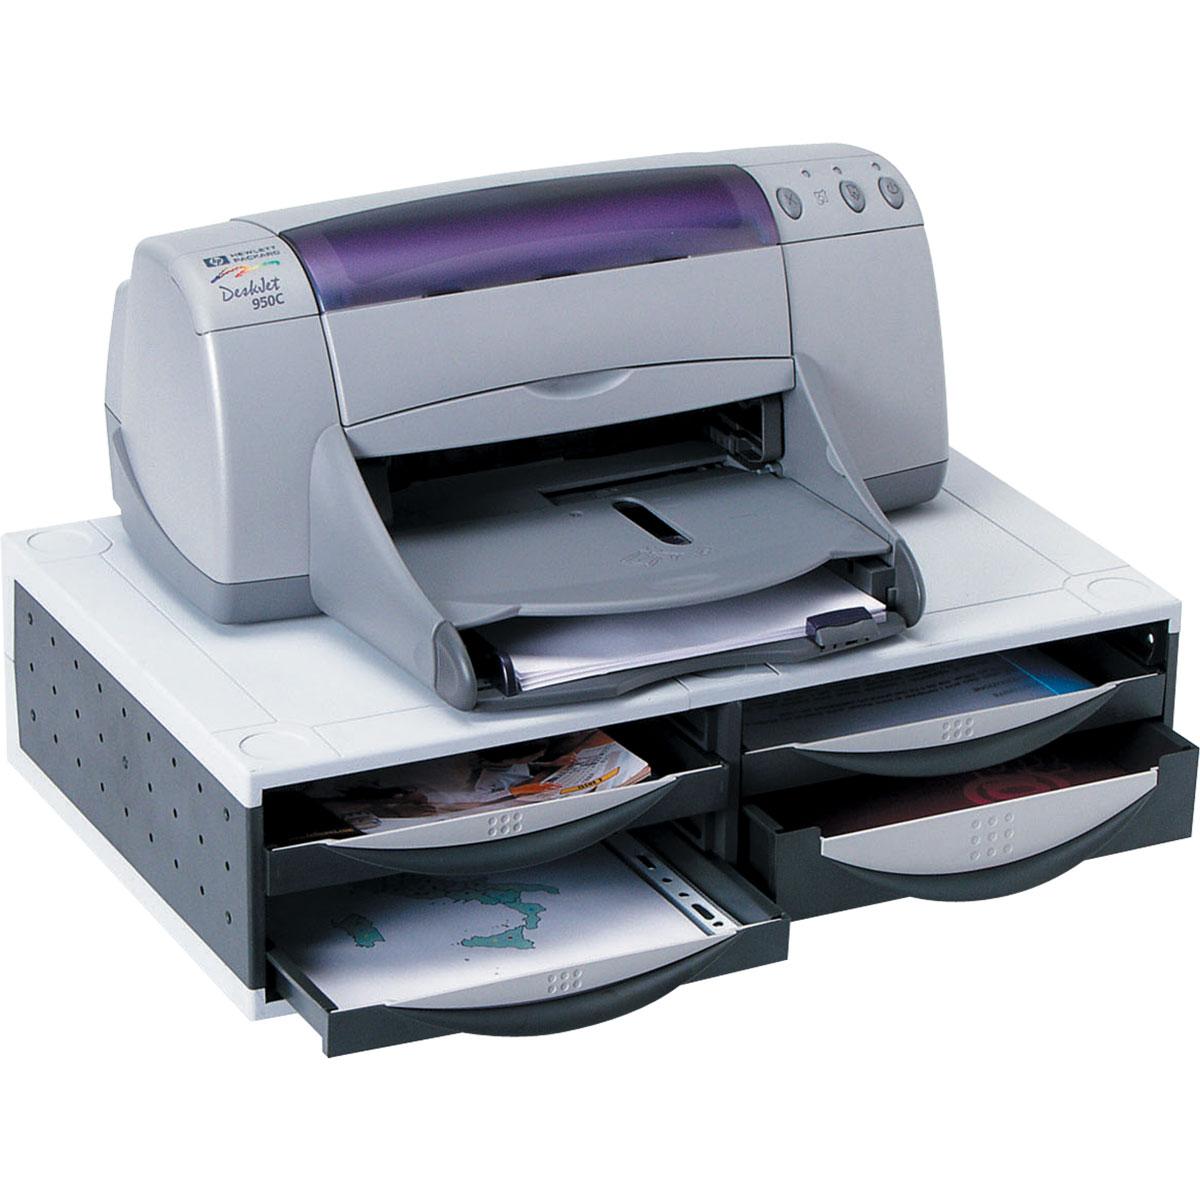 Fellowes Smart Suites FS-24004, Black Grey подставка под оргтехнику до 34 кгFS-24004Подставка под оргтехнику или монитор с выдвижными ящиками для хранения.Устойчивая подставка повышенной прочности для лазерного или чернильного принтера весом до 34 кг.Выдвижные ящики предназначены для хранения всего необходимого для печати: бумага, конверты, бланки и пр.Включает 4 ящика для хранения (1 - большой и 3 стандартных) с 8 вариантами положения.Специальная клипса для крепления кабелей.Размер подставки в мм: В 135 x Ш 540 x Г 345.